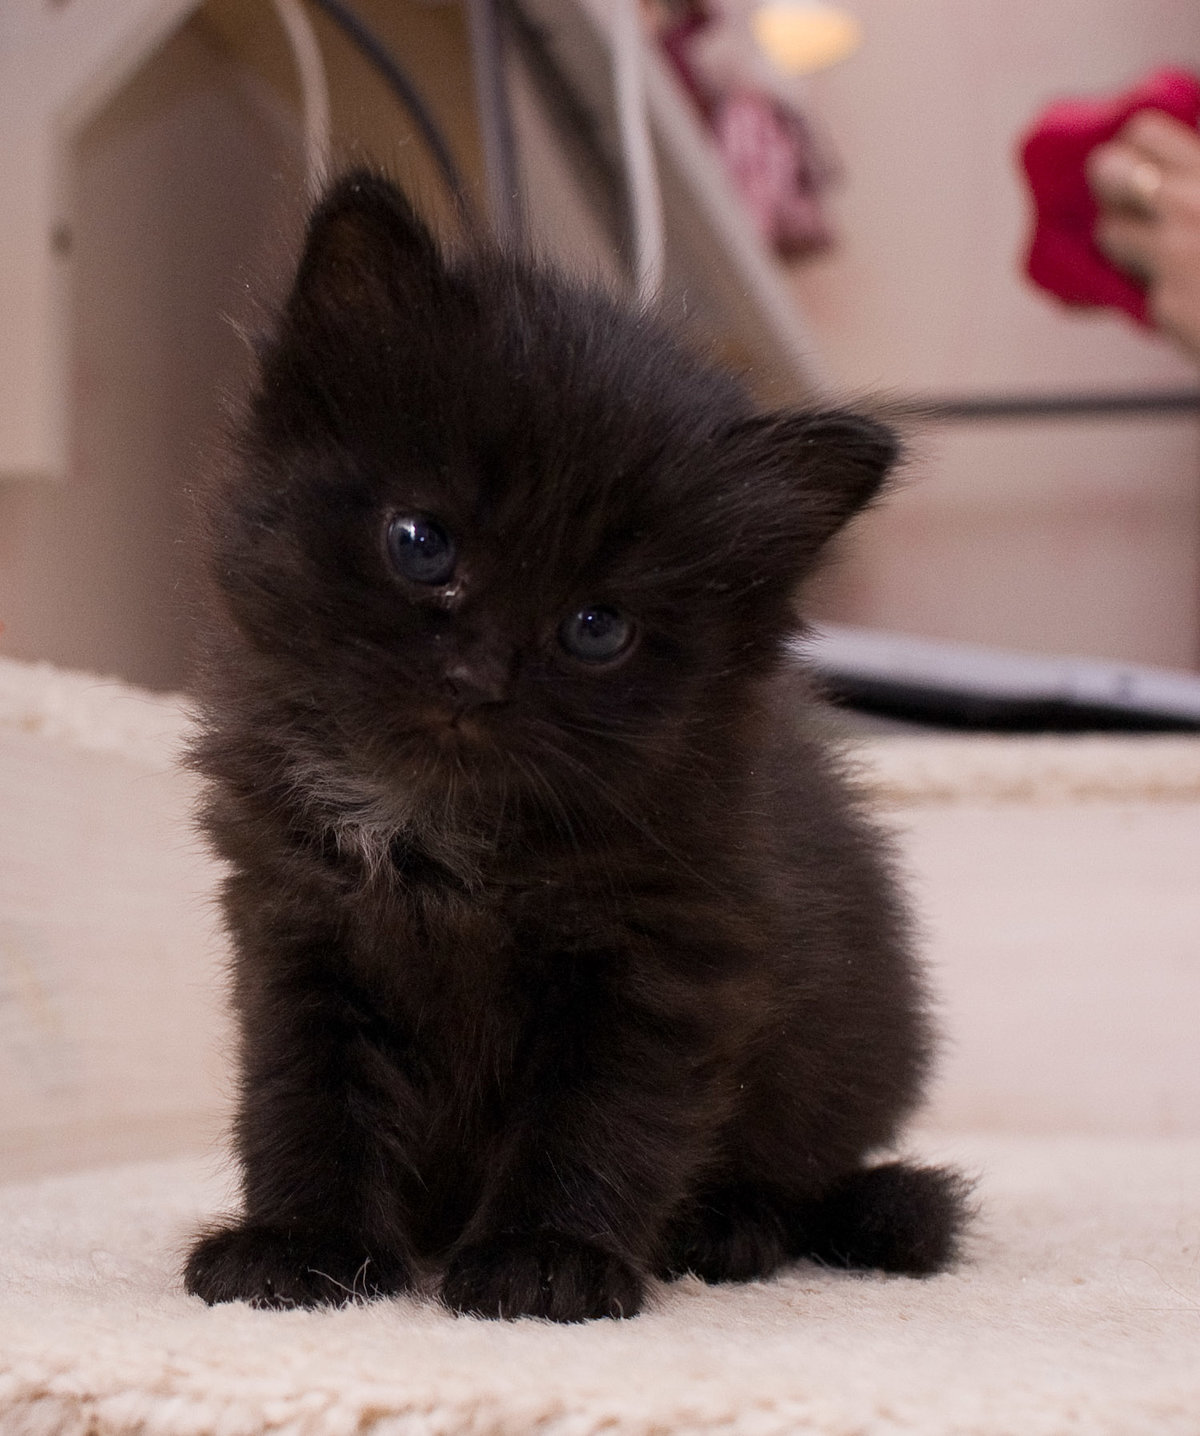 фото черного пушистого котенка европейская